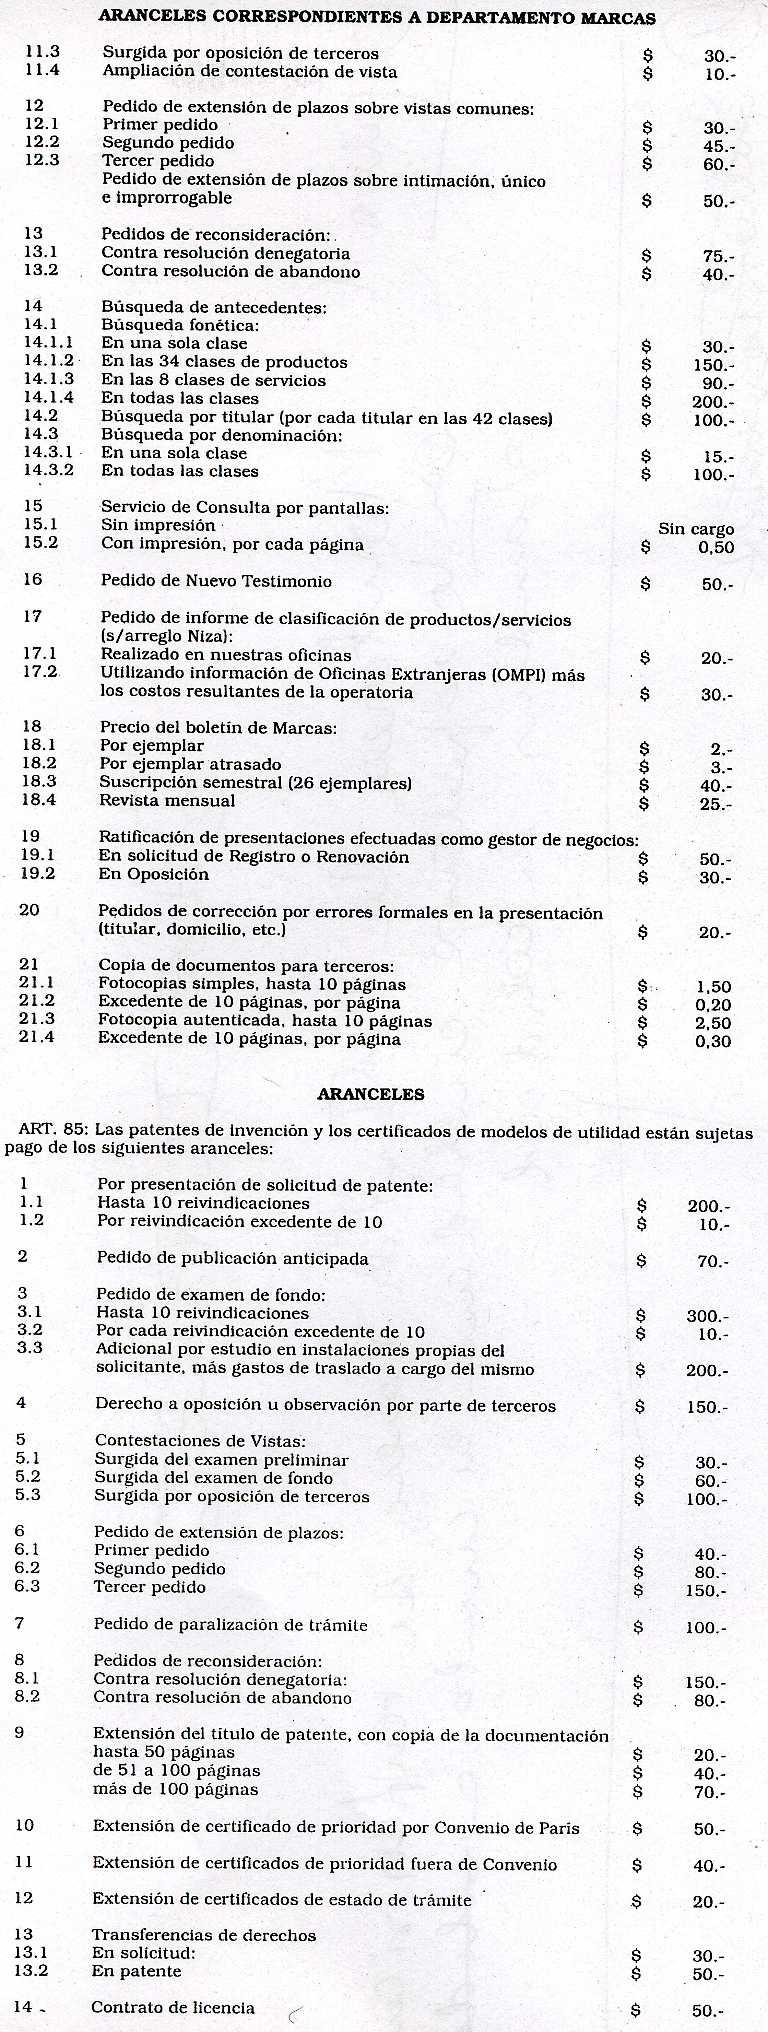 dto590-2.jpg